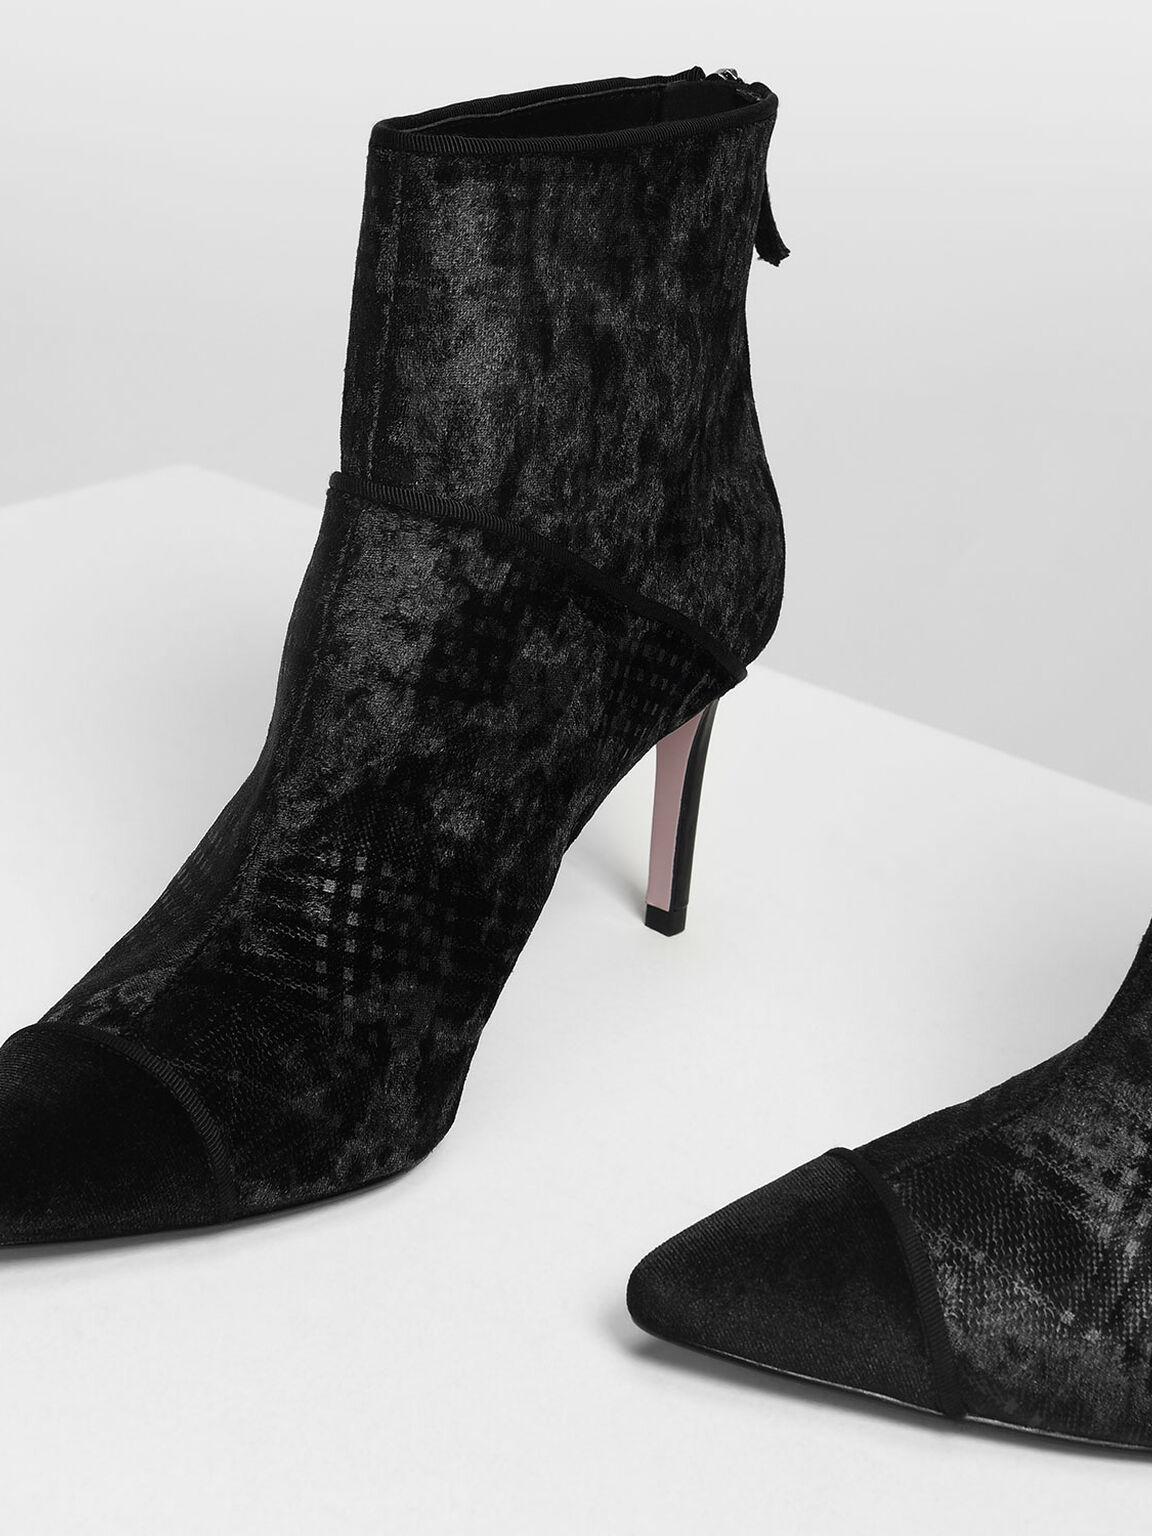 Velvet Heeled Ankle Boots, Black, hi-res